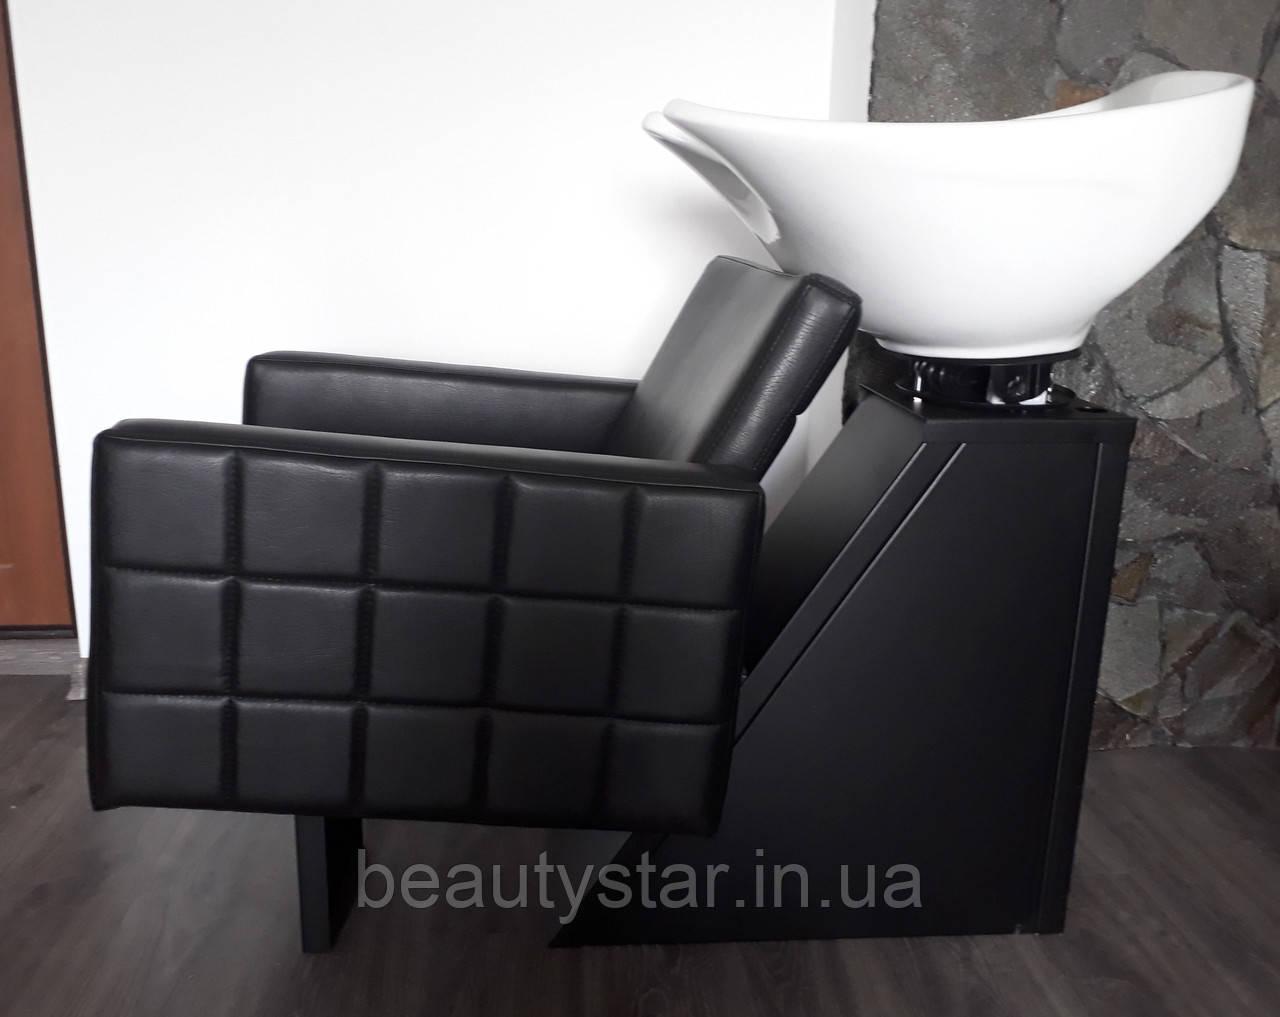 Крісла Мийки для перукарень мийка Shelley з кріслом Dioni компактних розмірів: 64х96х110см